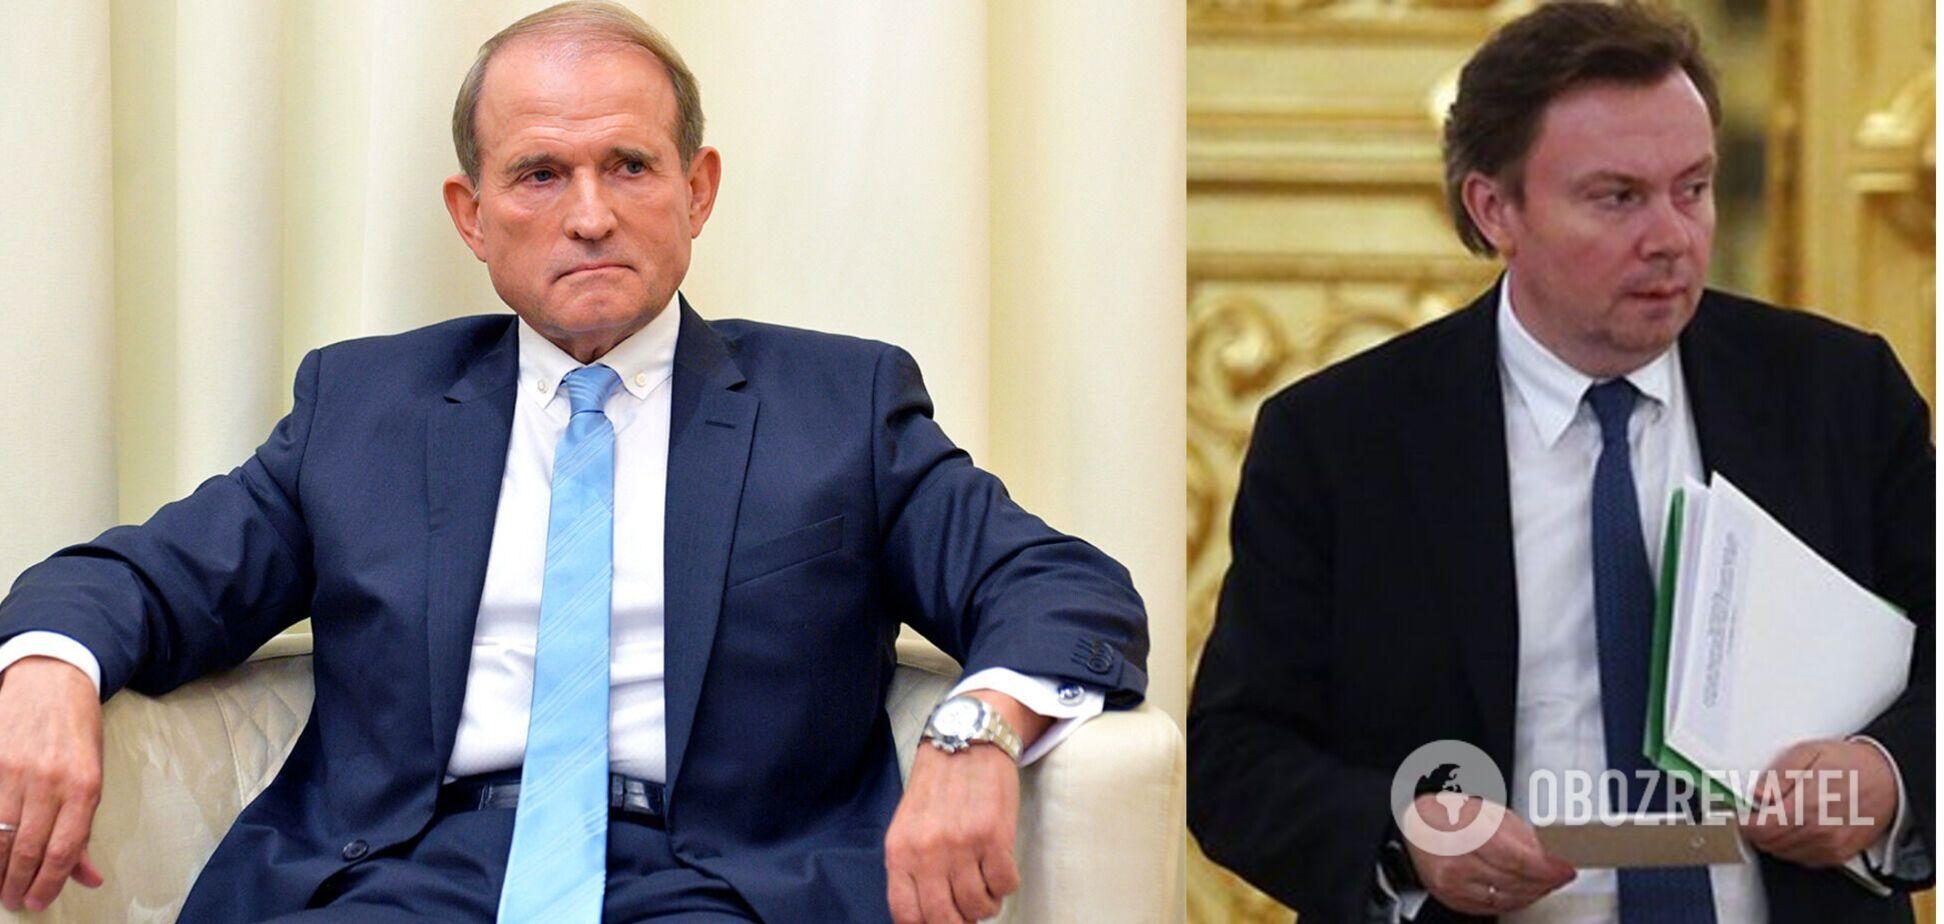 Опубликованоновое аудио разговора Медведчука с чиновником РФ о 'передаче информации' и санкциях. Эксклюзив